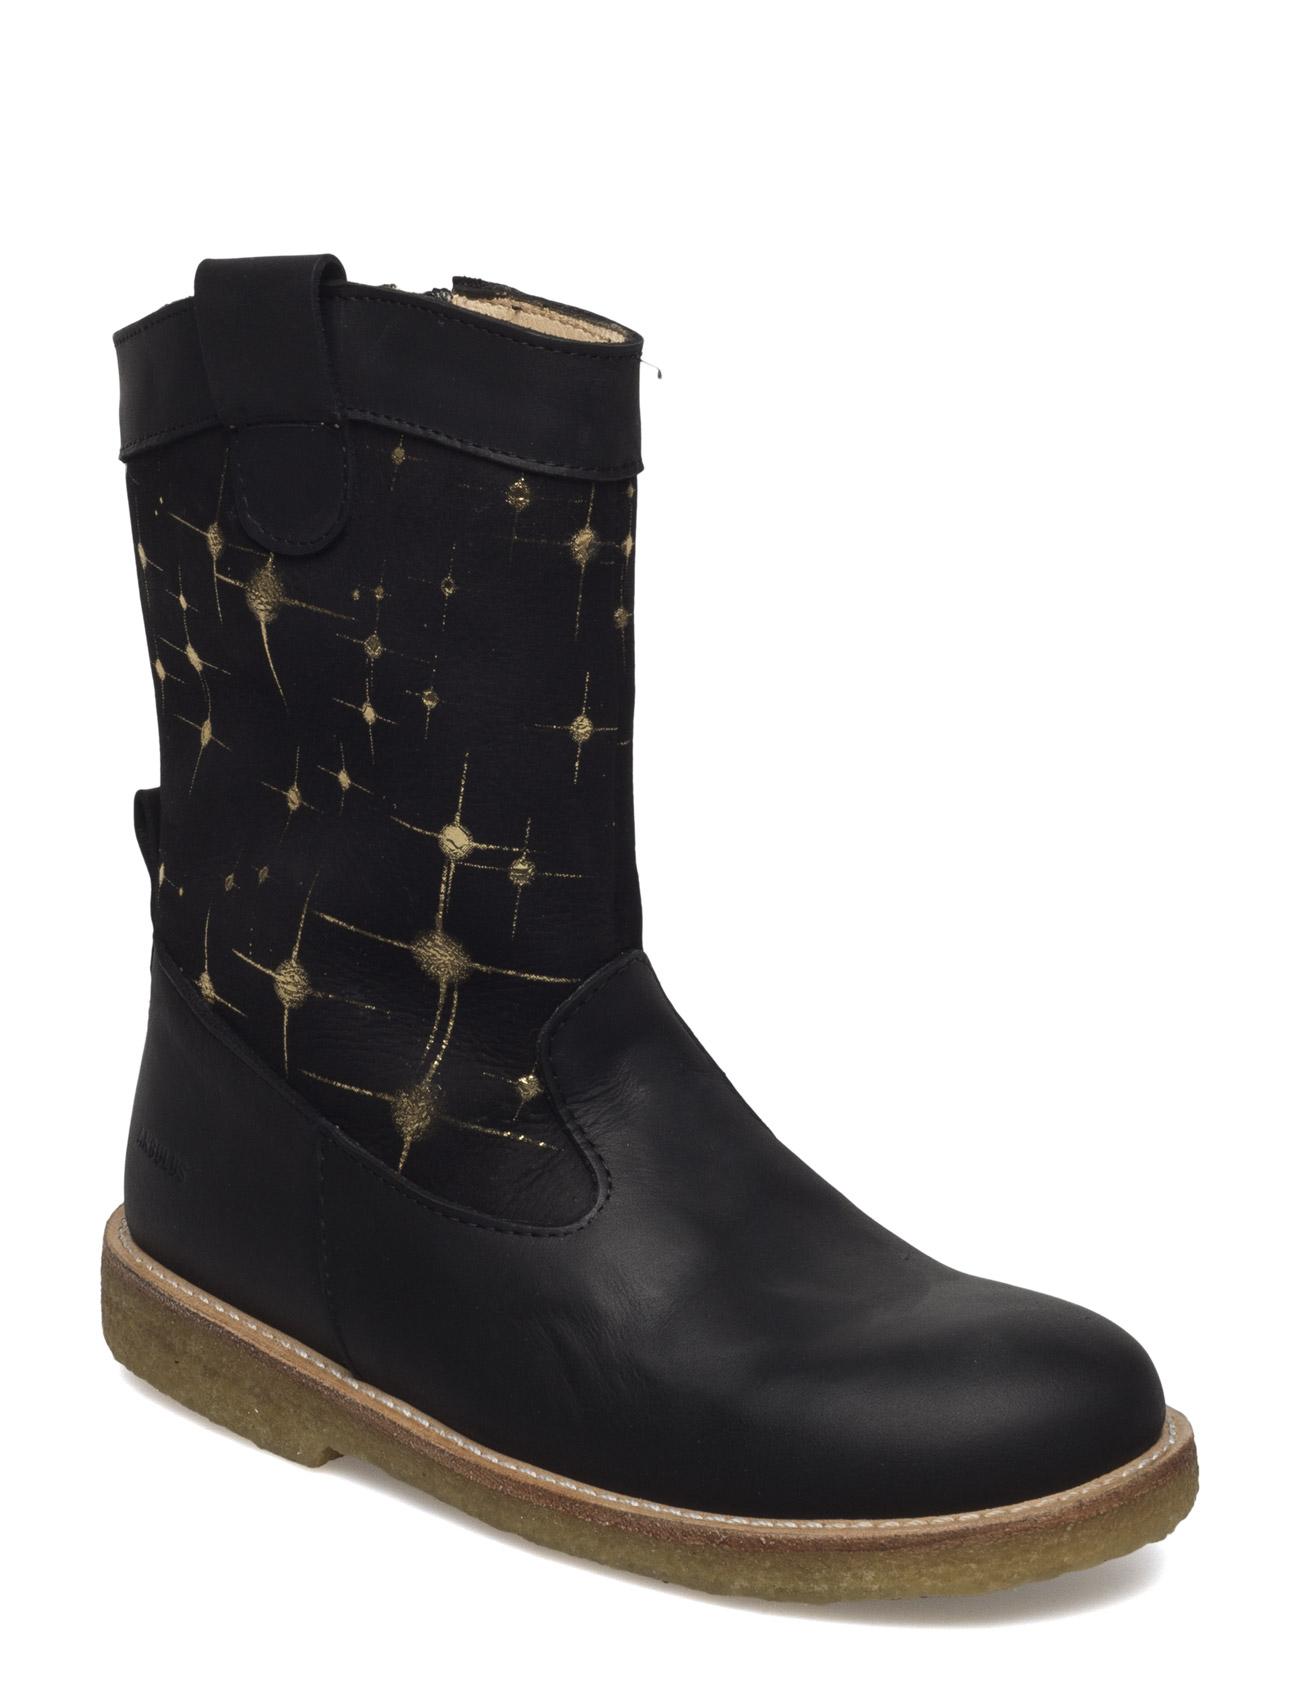 af21f672e8c7 Køb Boots – Flat ANGULUS Sko i til Børn på Boozt.dk